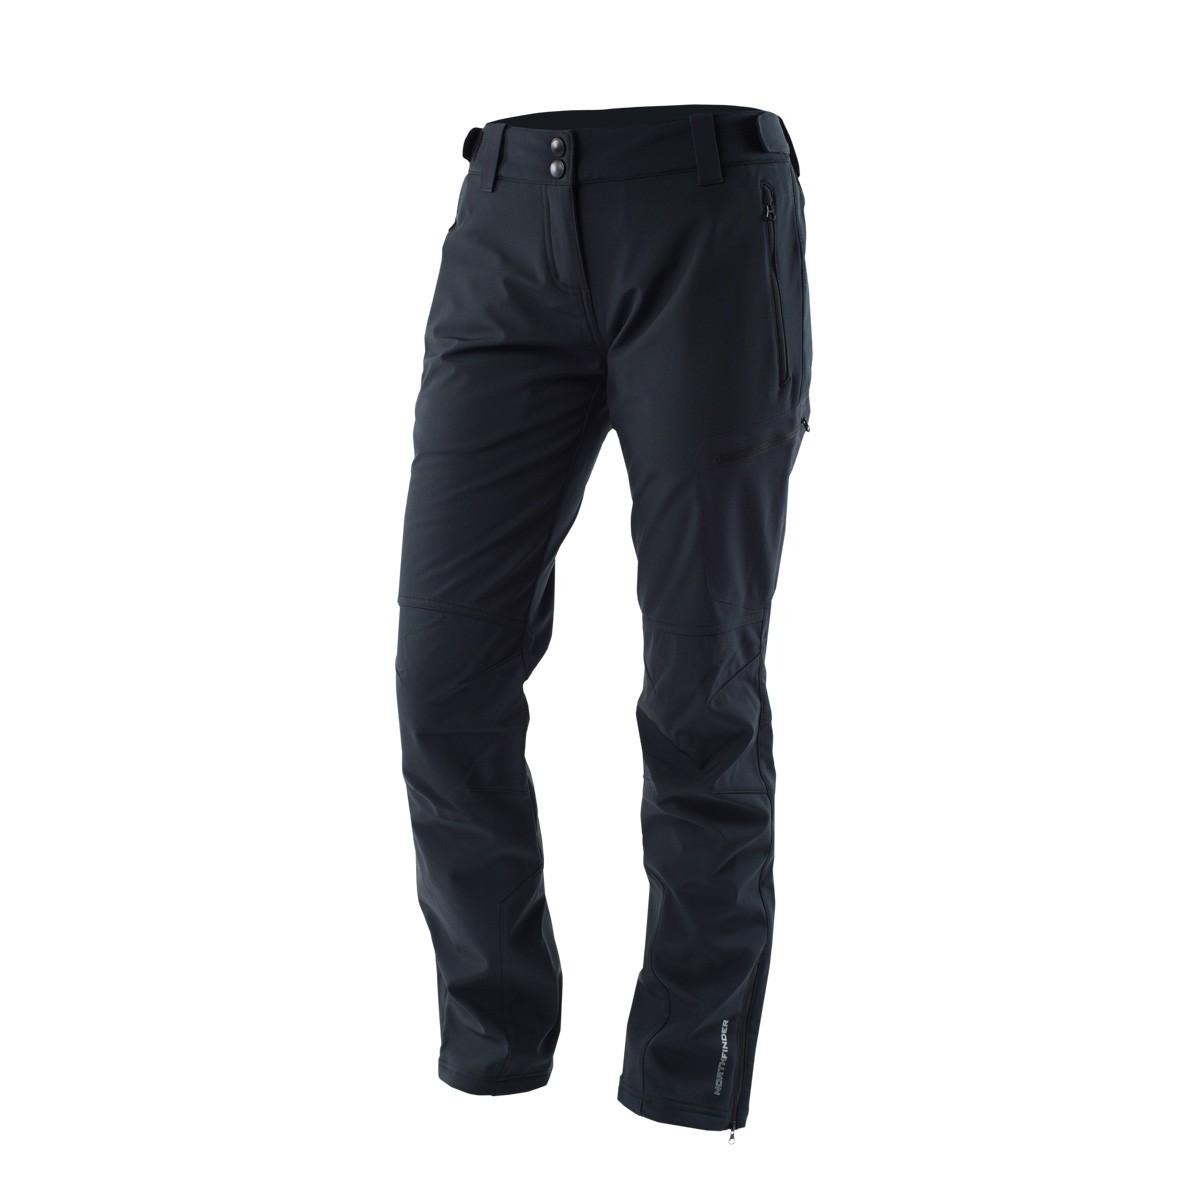 75e2d49da570 Dámské kalhoty Northfinder Holly kalhoty Nf